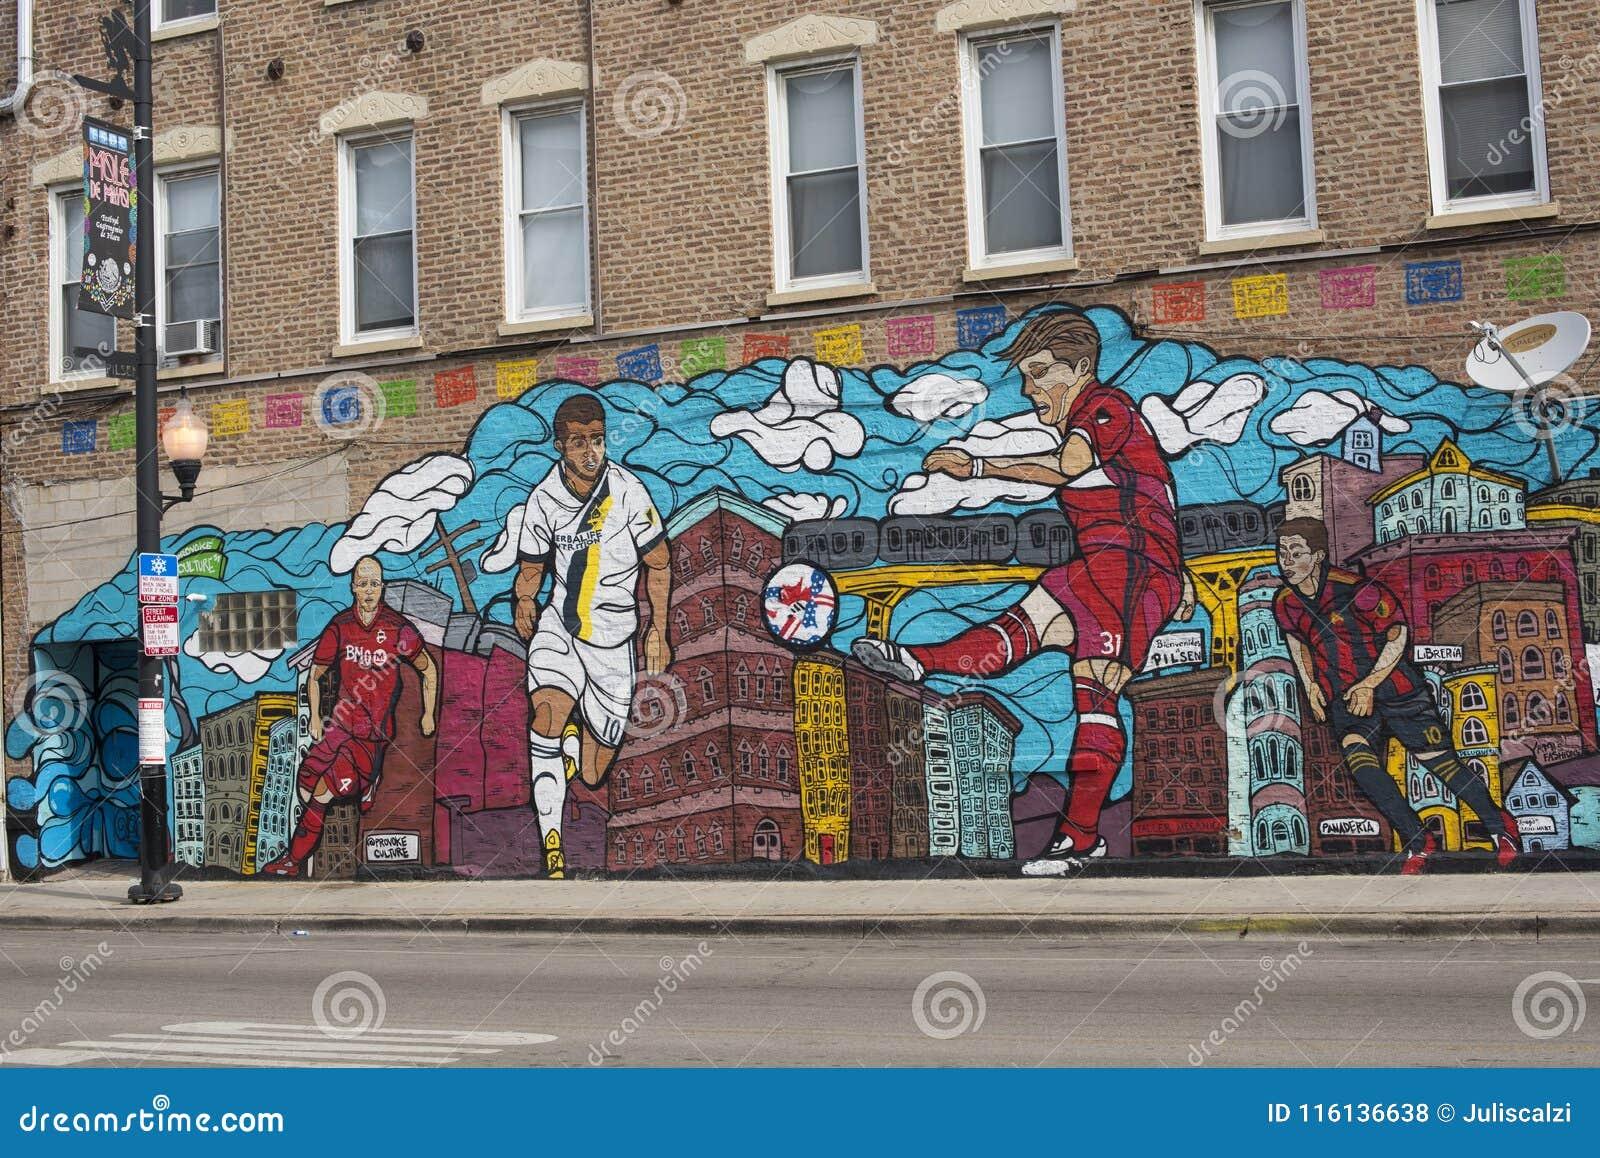 Costo Di Un Murales.Vicinanza Art Mural Pubblico Viva Futbol Un Murale Di